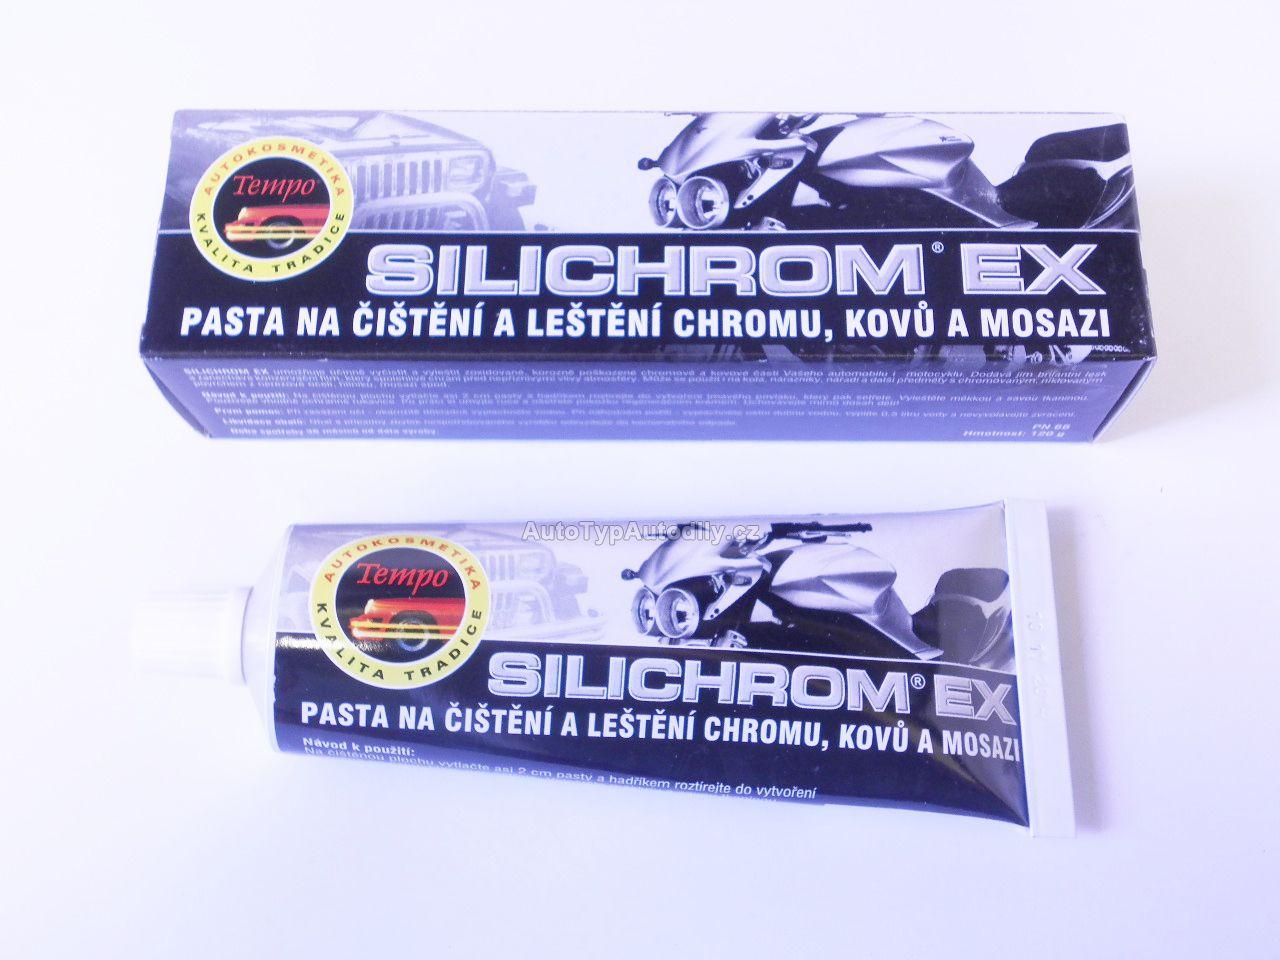 www.autotypautodily.cz Silichrom,pasta na leštění chromu a kovů 120g TEMPO